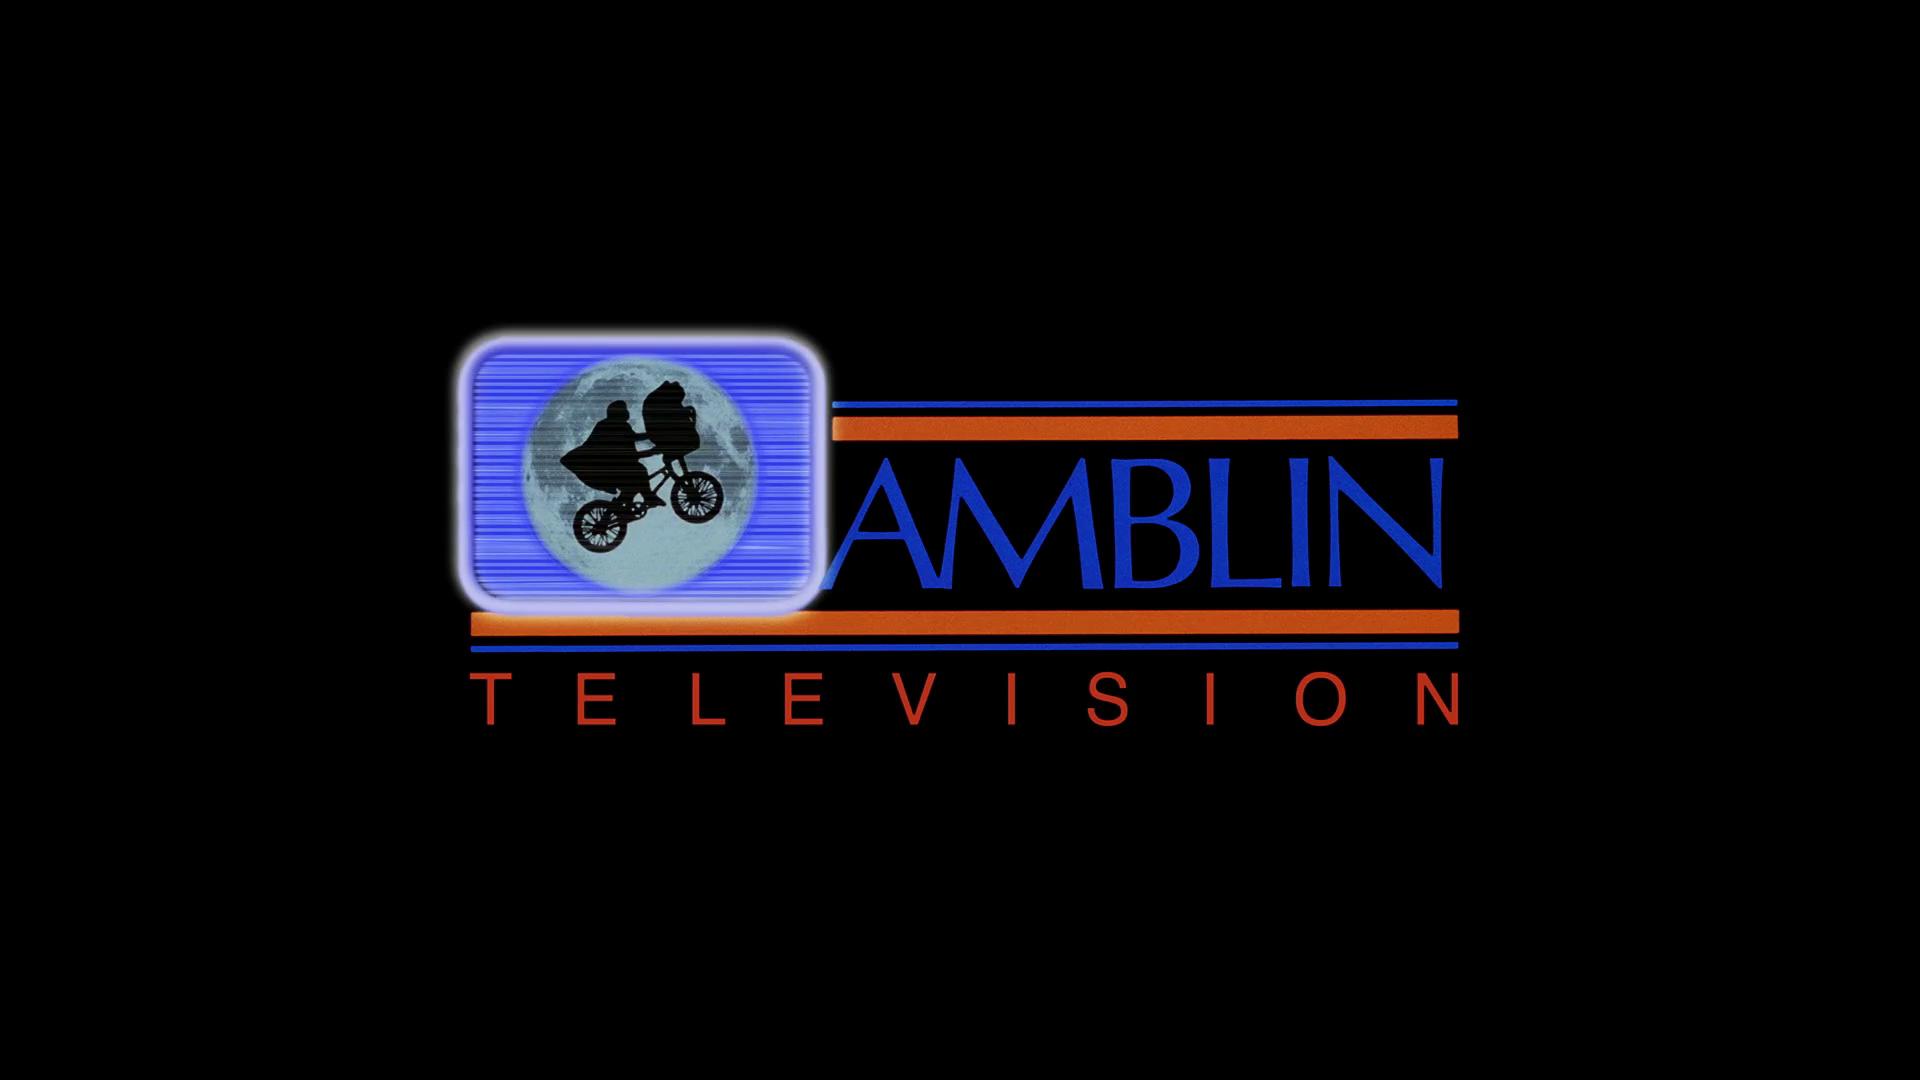 Amblin Television